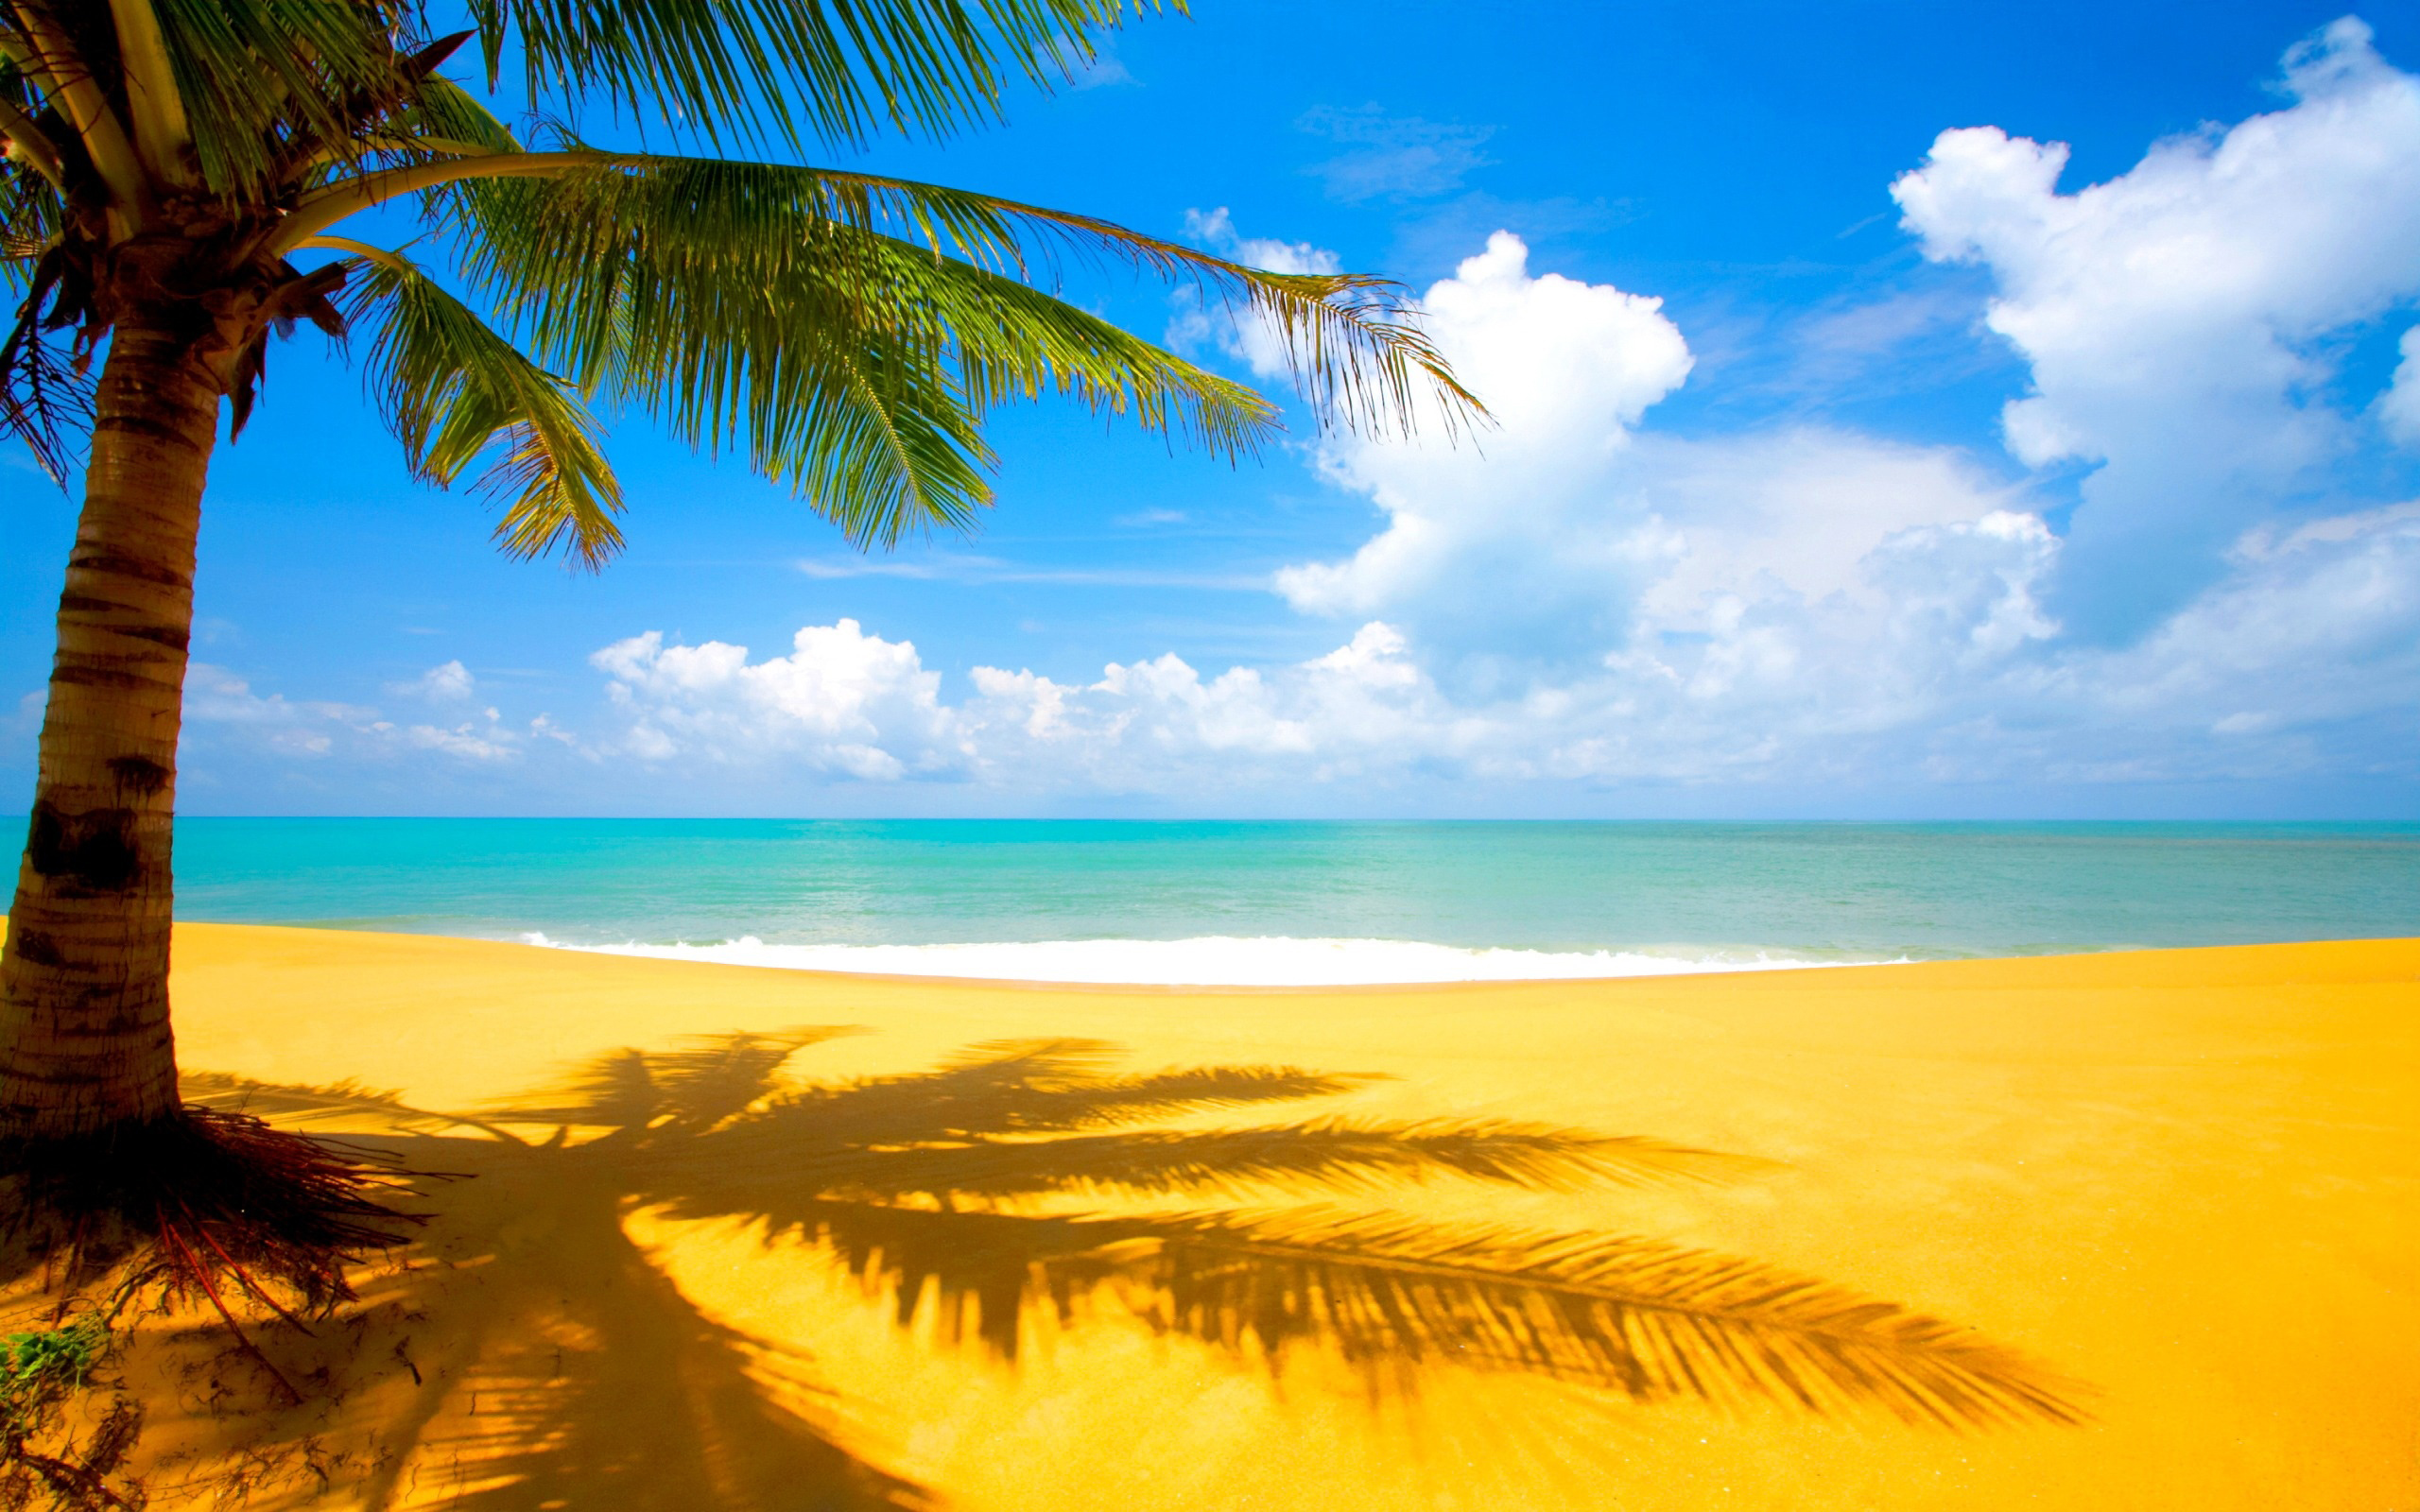 desktop wallpapers Ocean beach 2560x1600